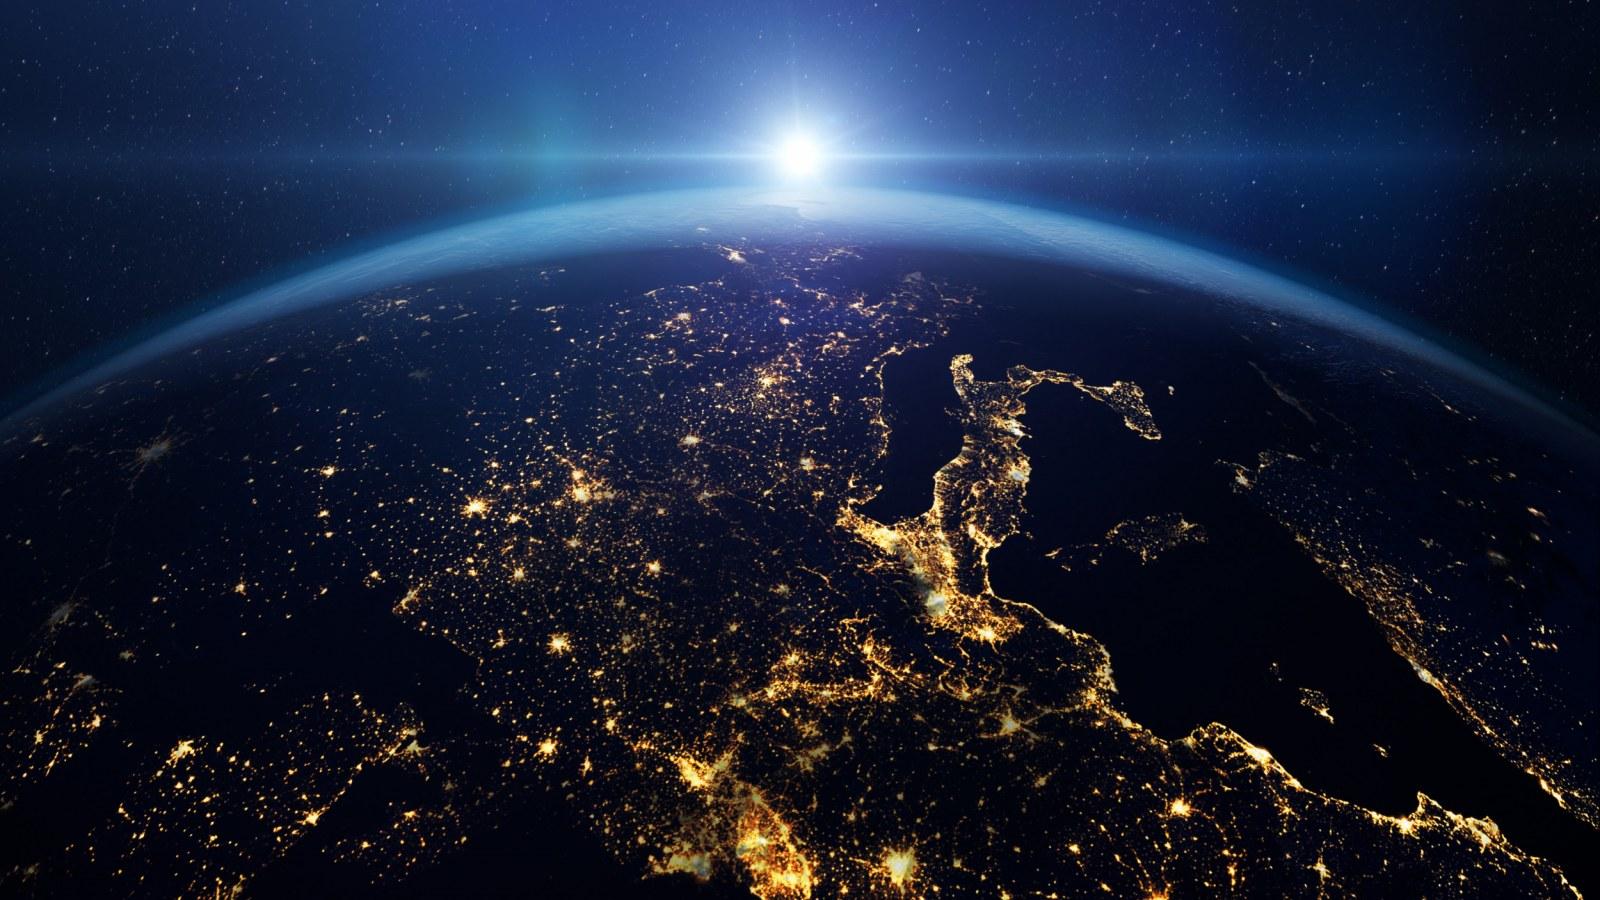 Ảnh Trái Đất tuyệt mĩ chụp bởi NASA